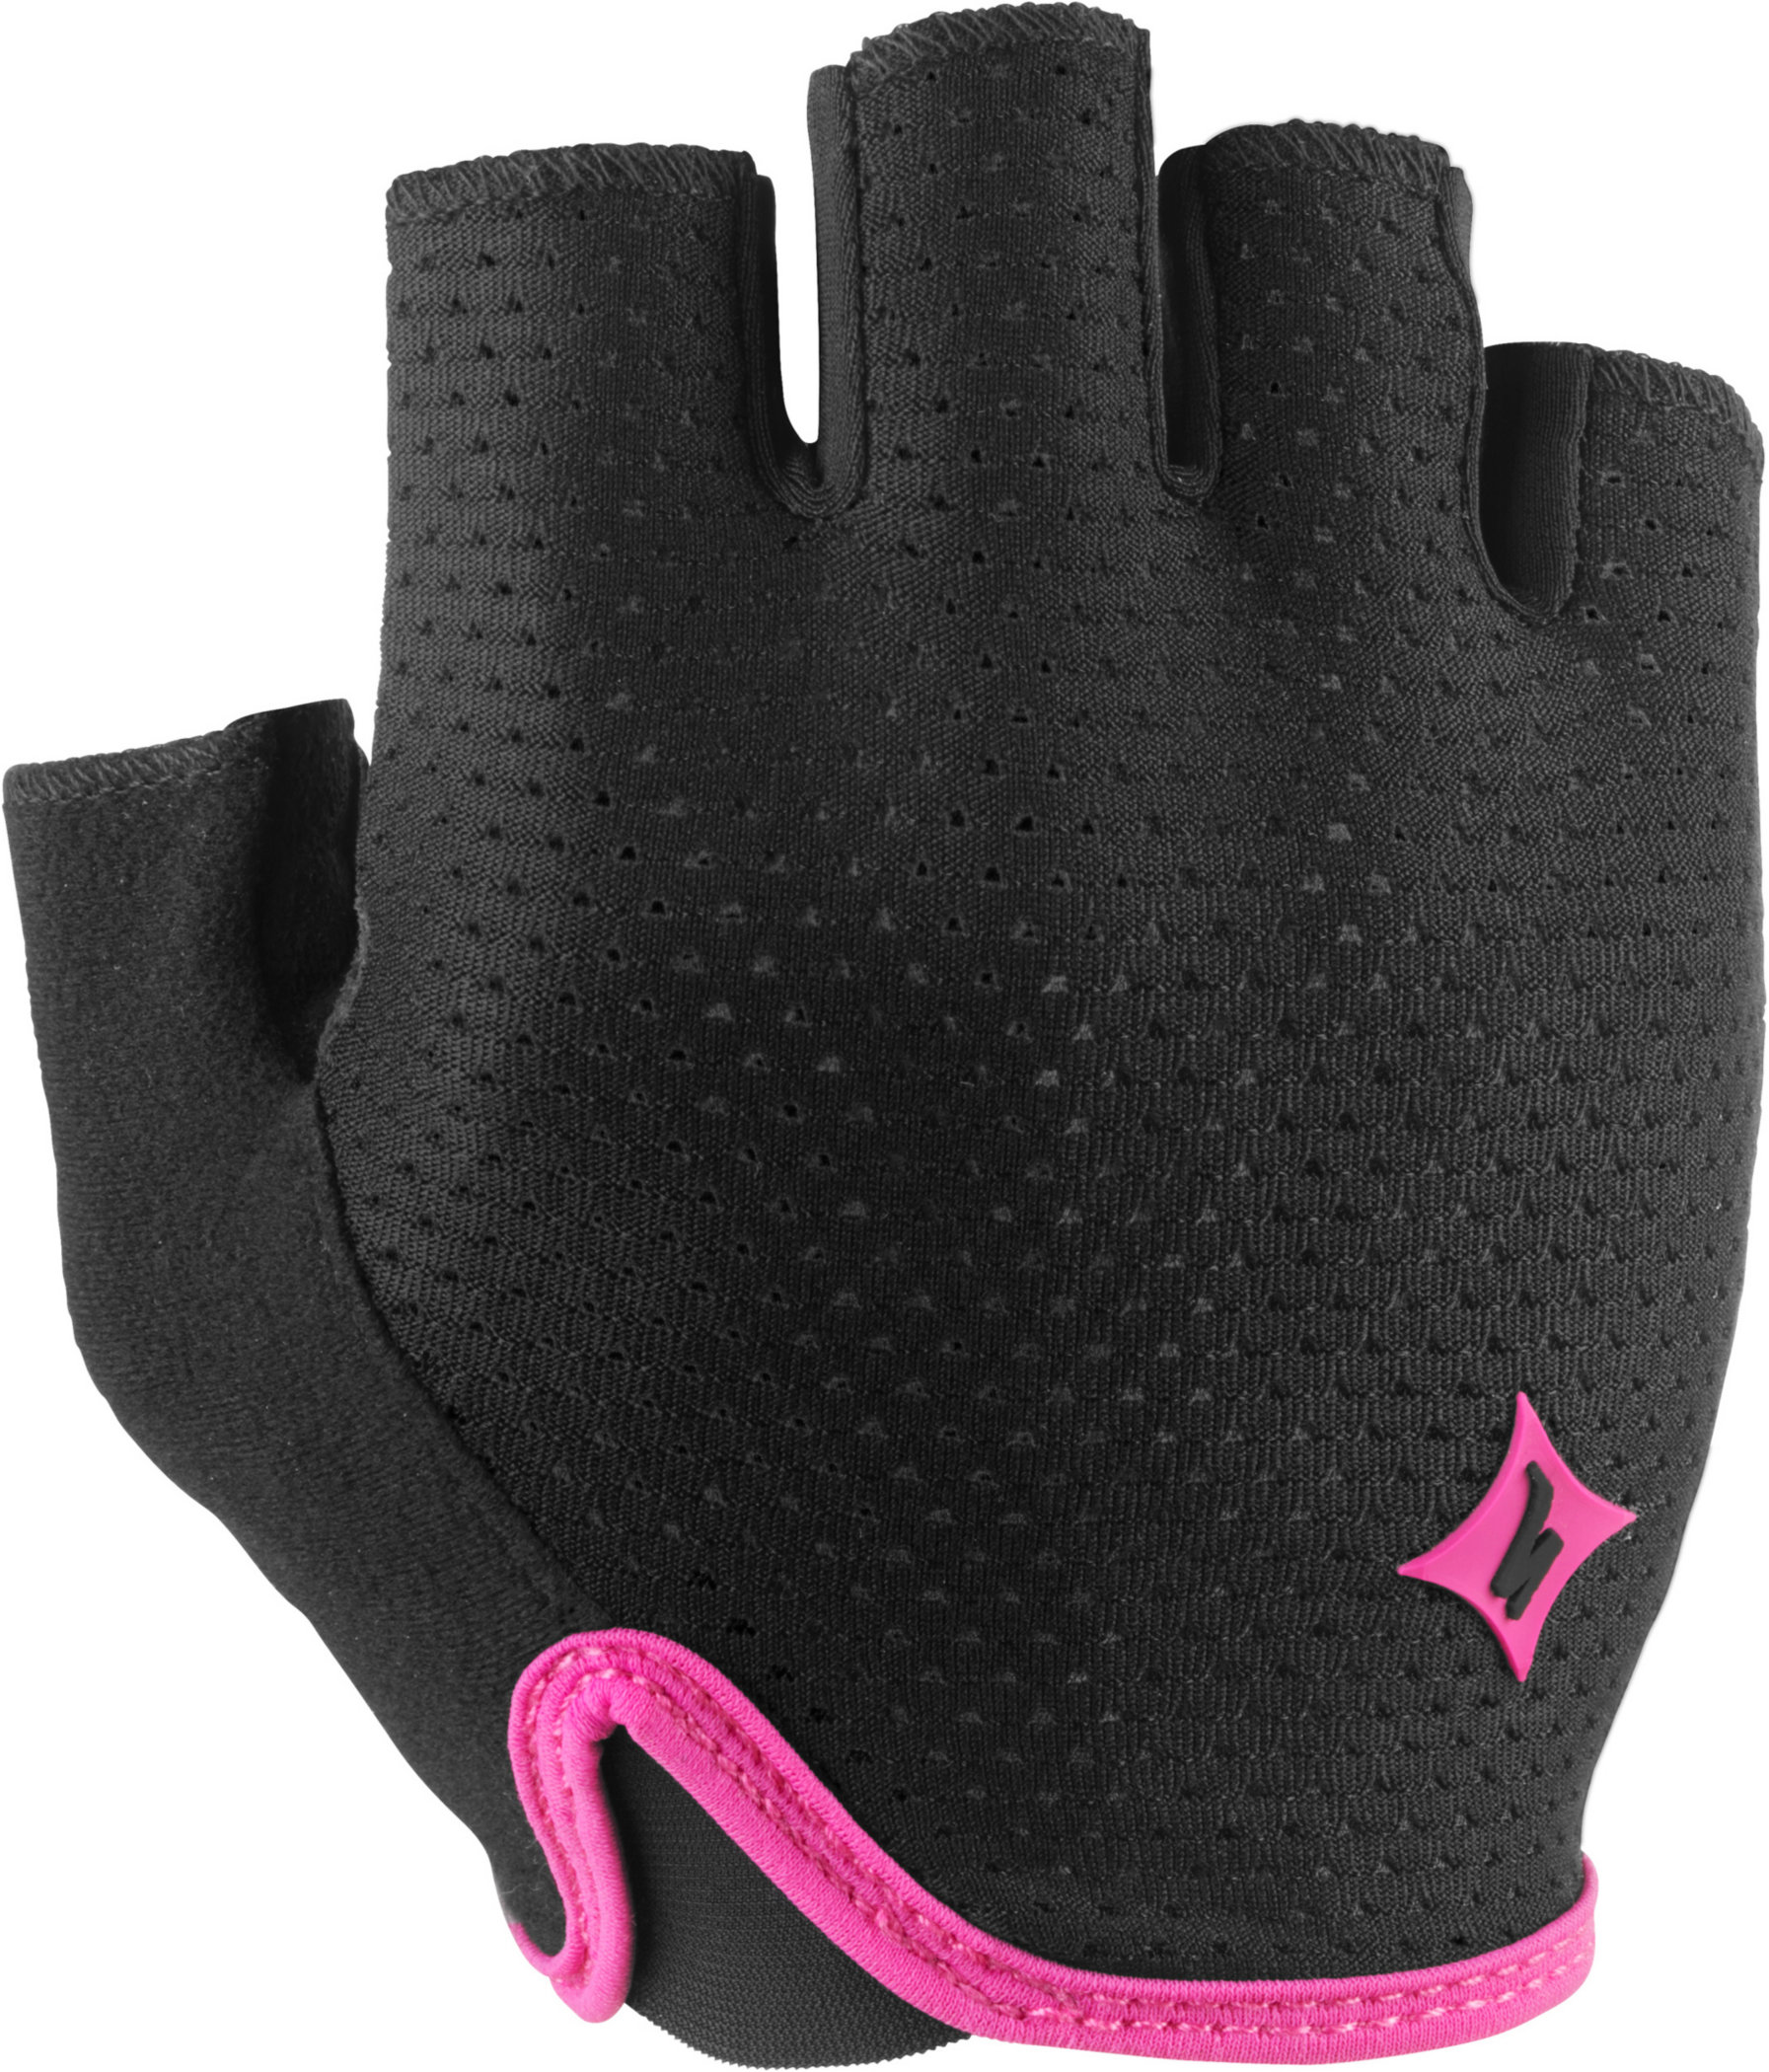 Specialized Women´s Grail Gloves Black/Pink Medium - Alpha Bikes